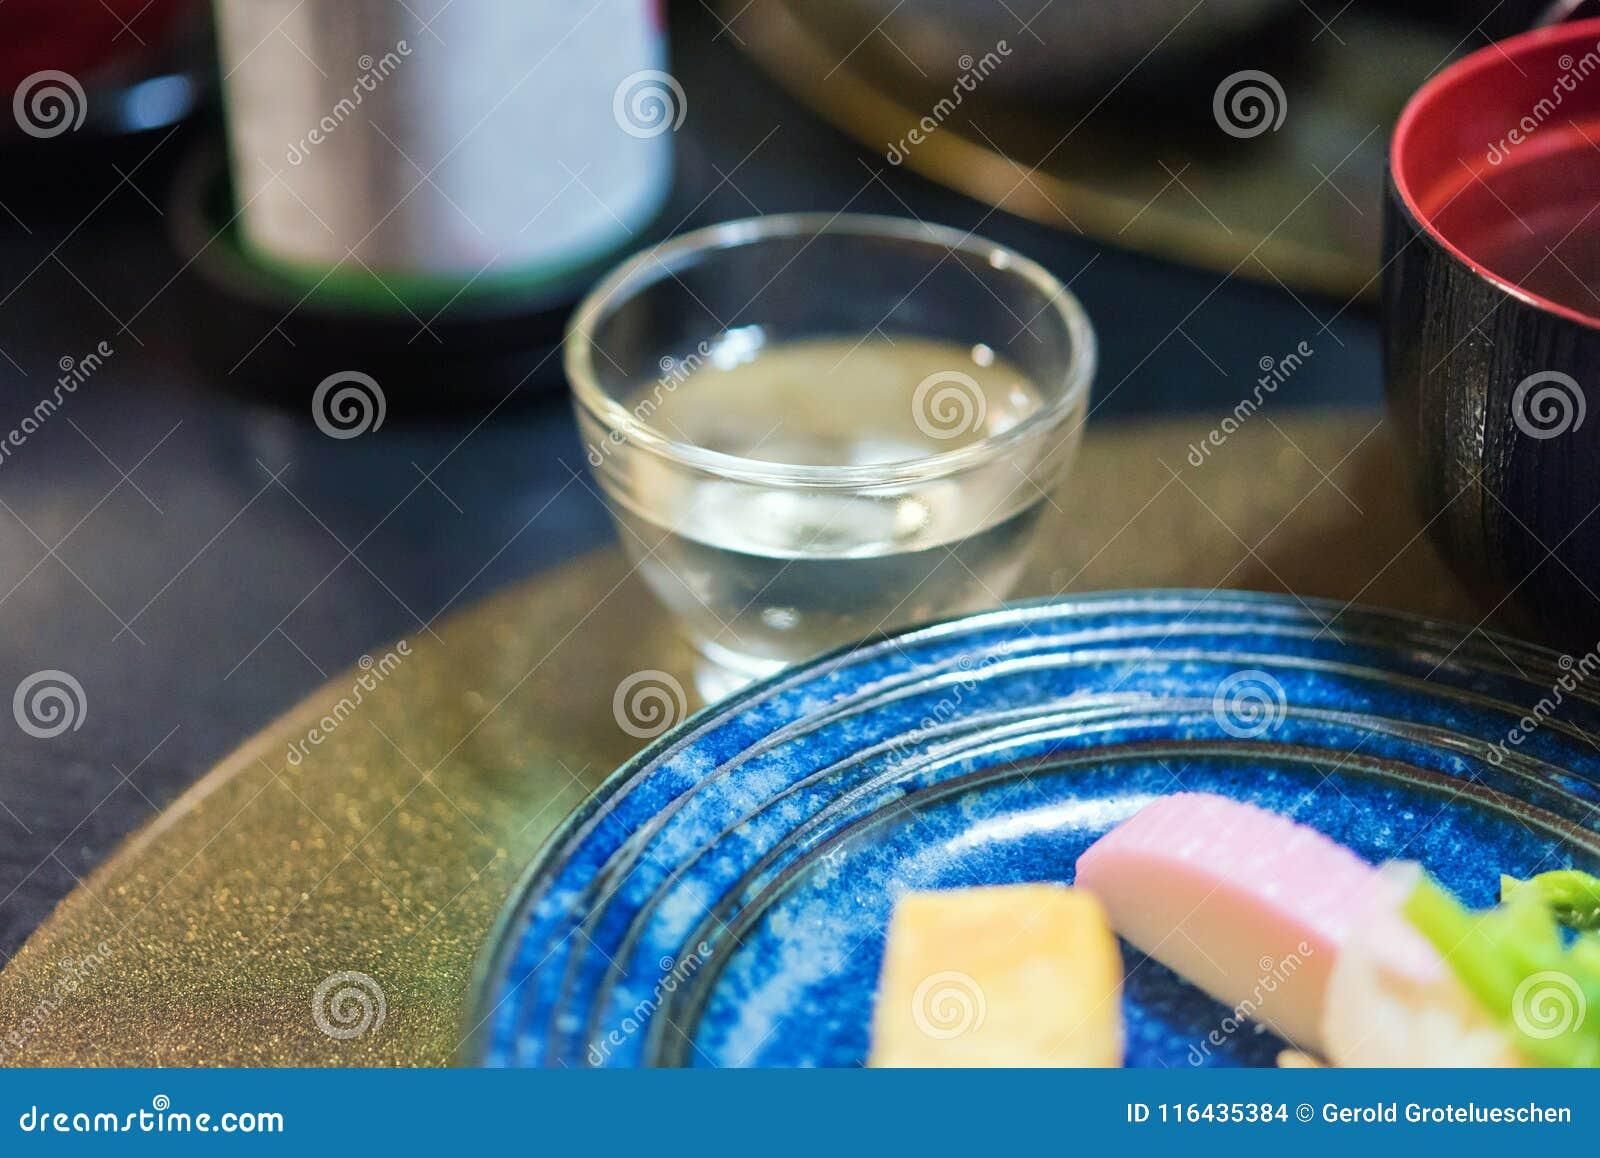 Um vidro com causa na tabela, Tóquio, Japão Close-up